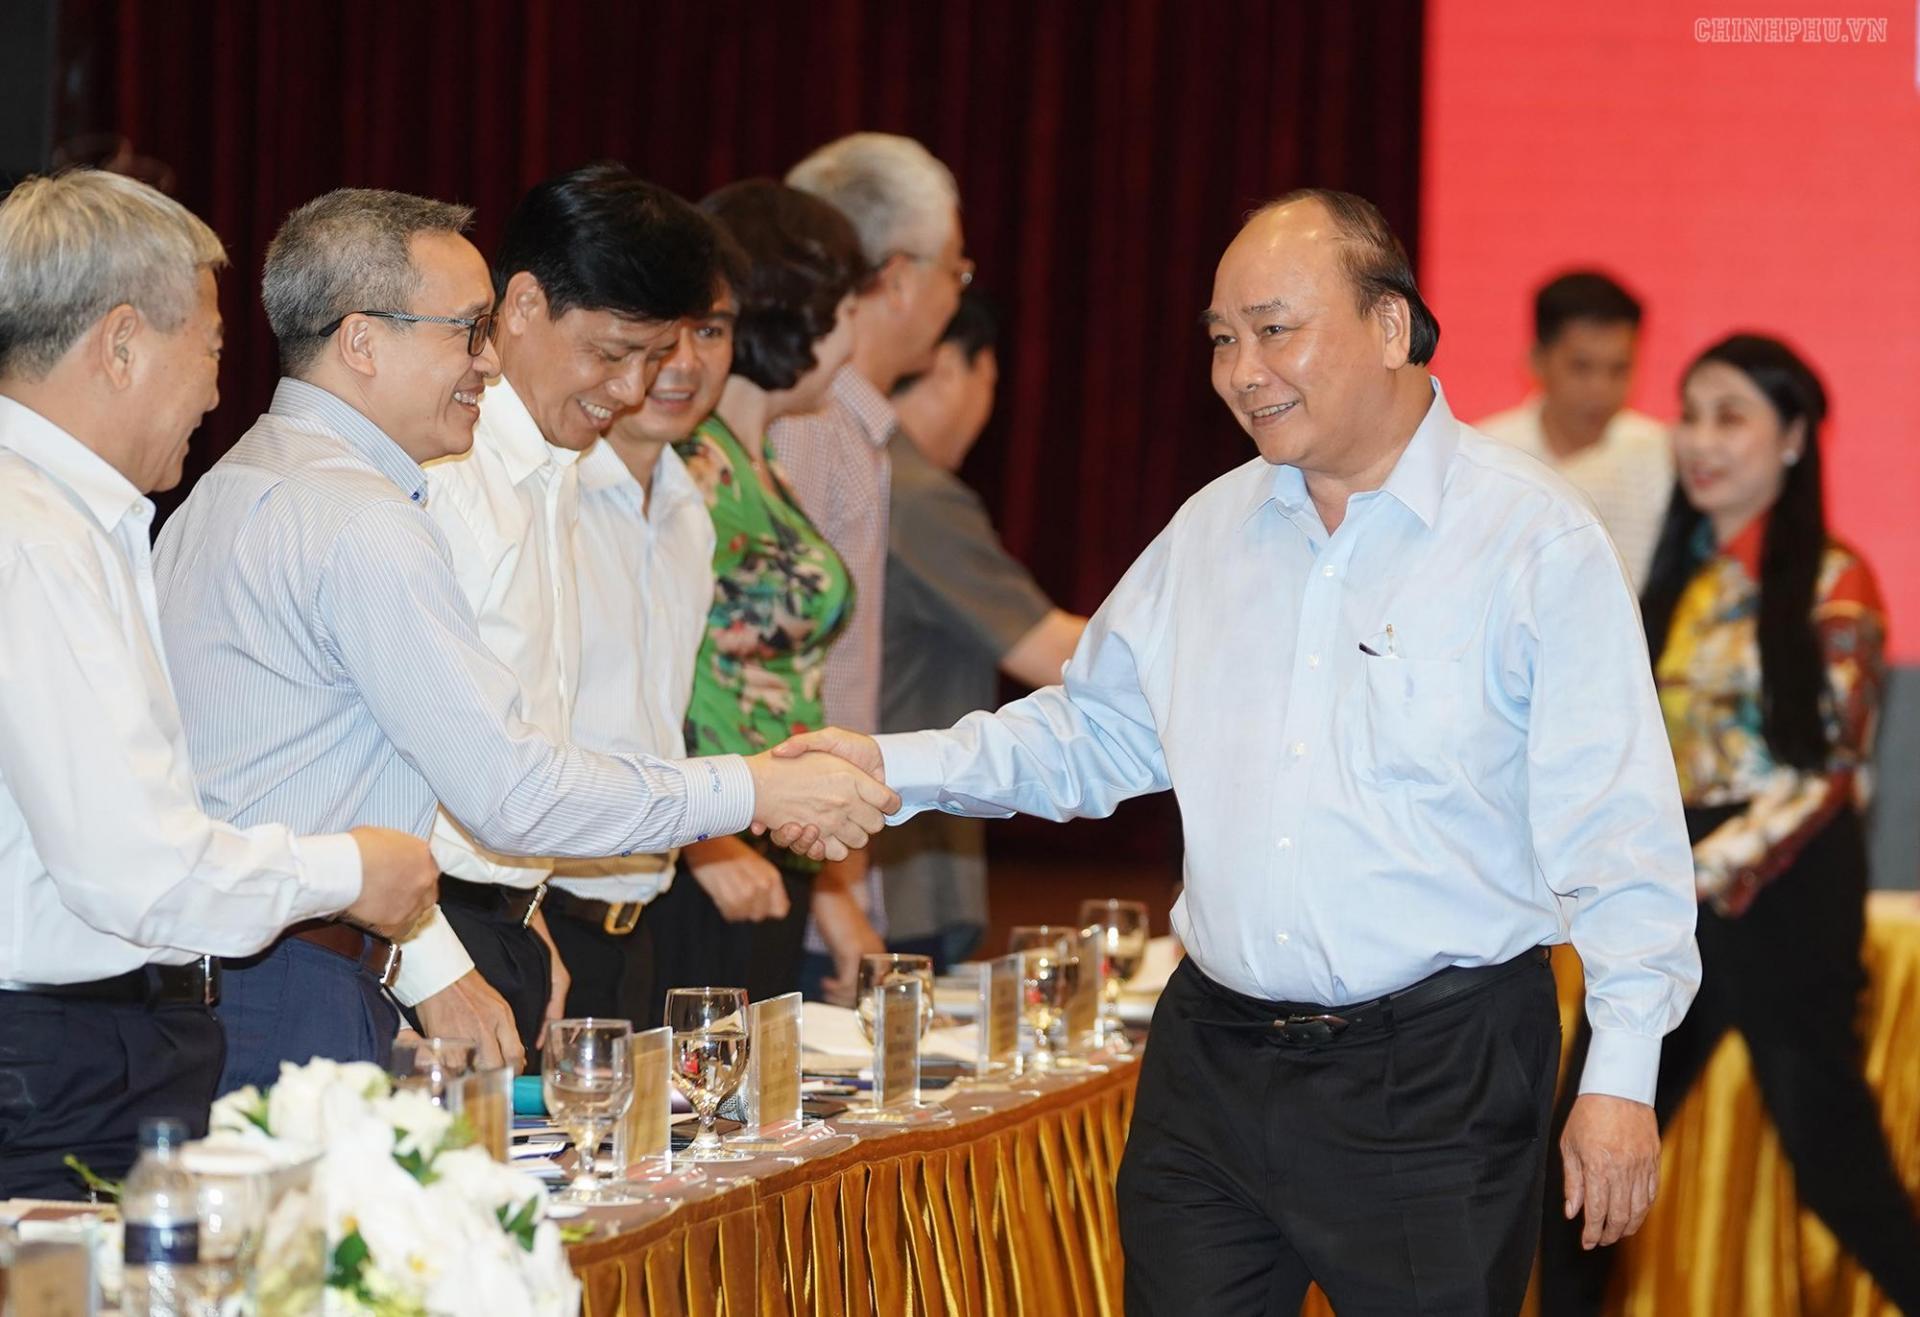 Thủ tướng cùng các vị đại biểu tại phiên họp